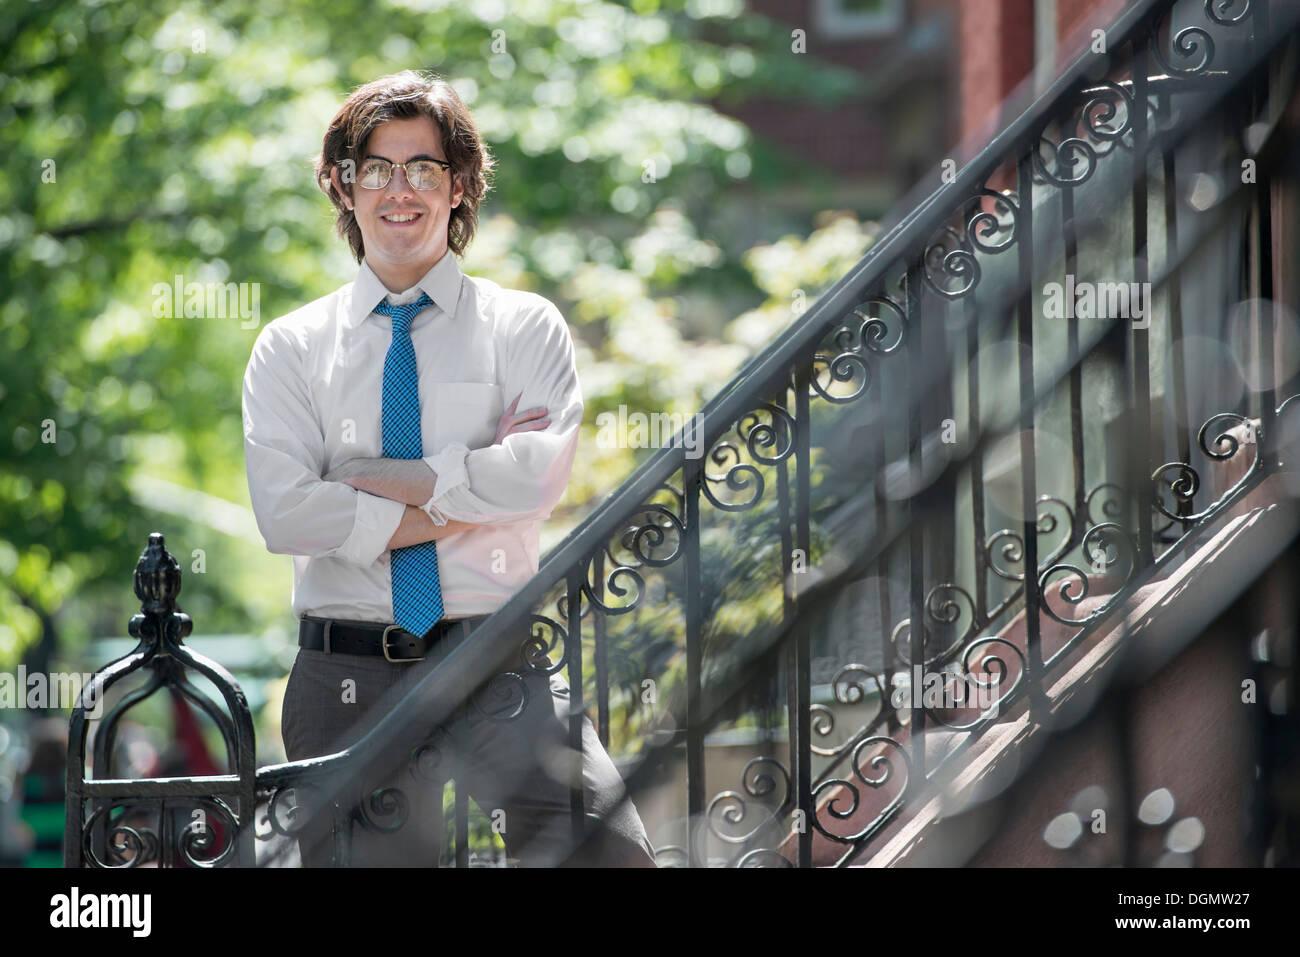 Stadt. Ein junger Mann in w weißes Hemd und eine blaue Krawatte, stehend mit Armen gefaltet außerhalb eines Stadthauses, auf den Stufen. Stockbild